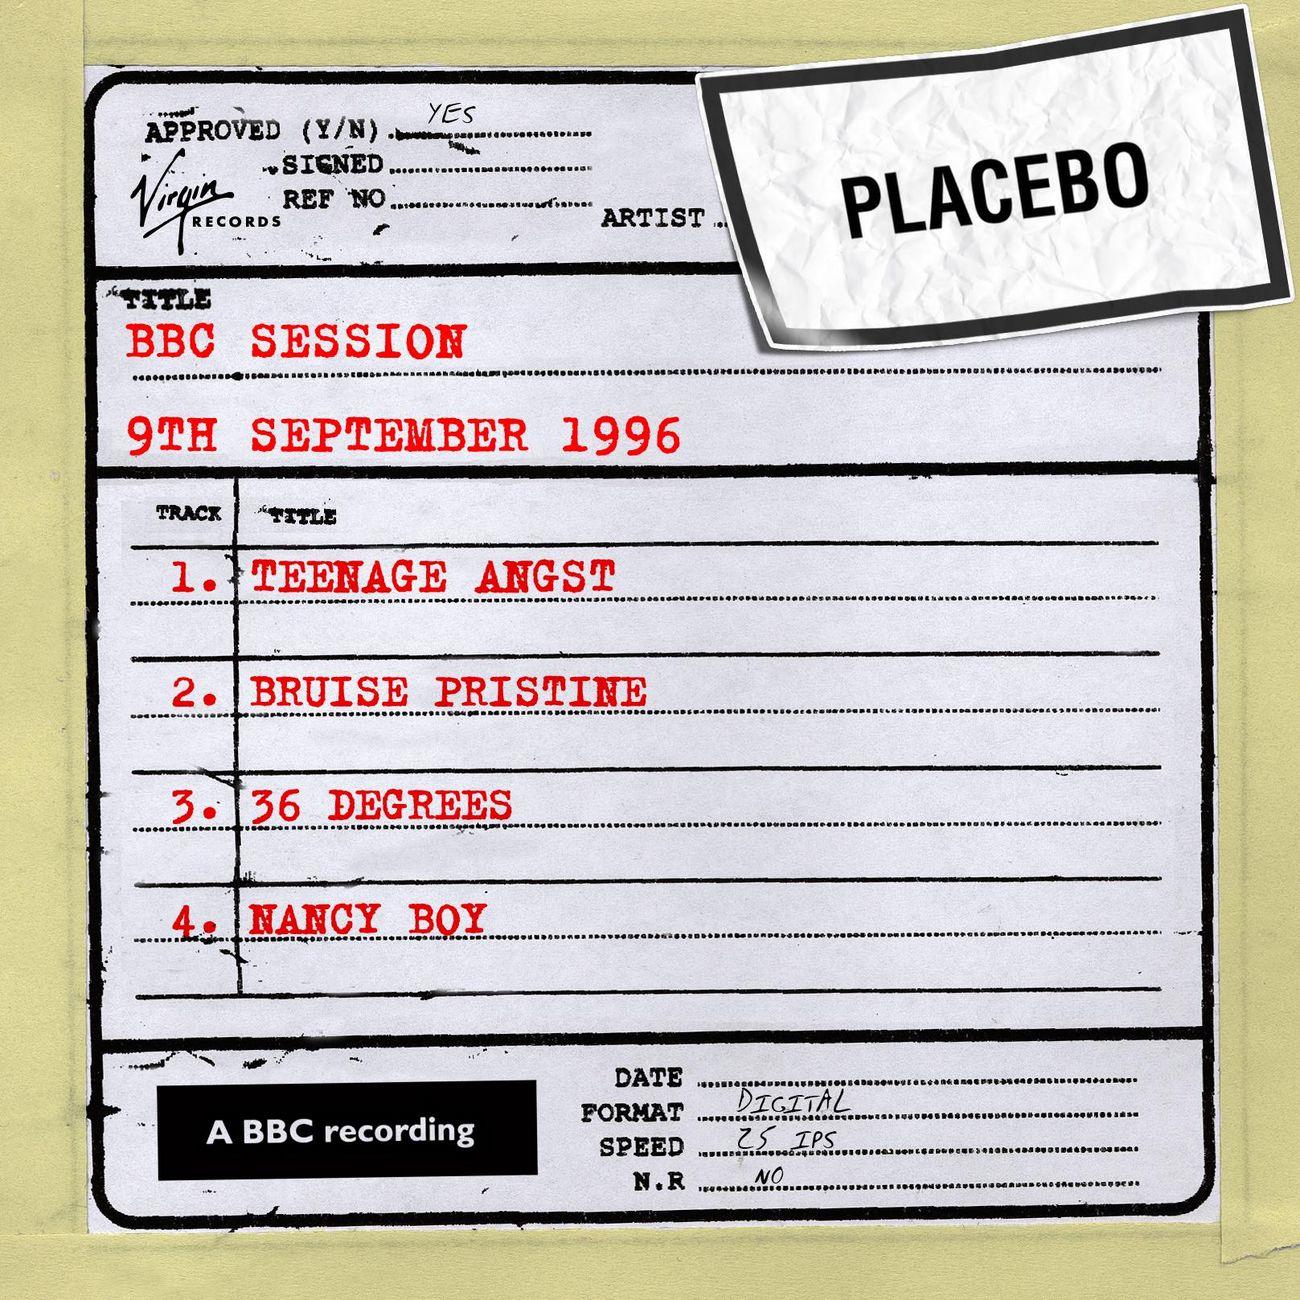 BBC Session (9th september 1996)